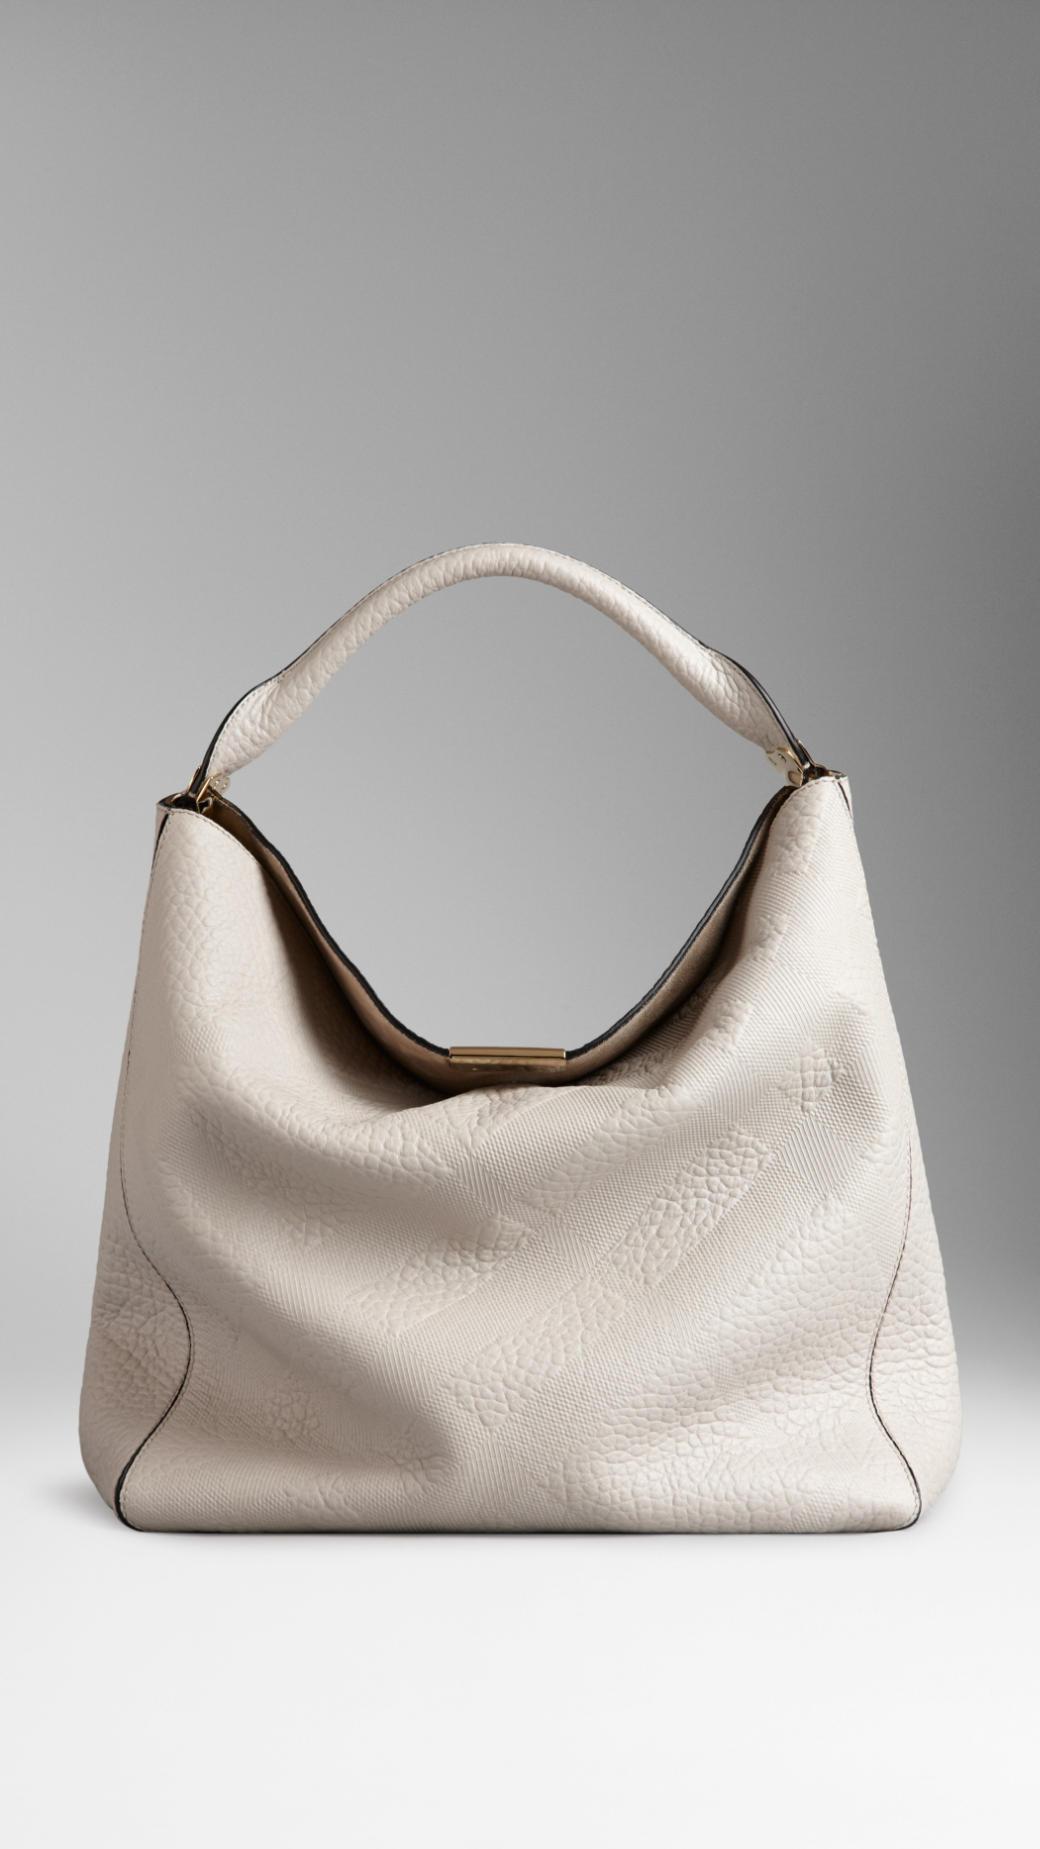 e163ecda3fc0 Lyst - Burberry Medium Embossed Check Leather Hobo Bag in White